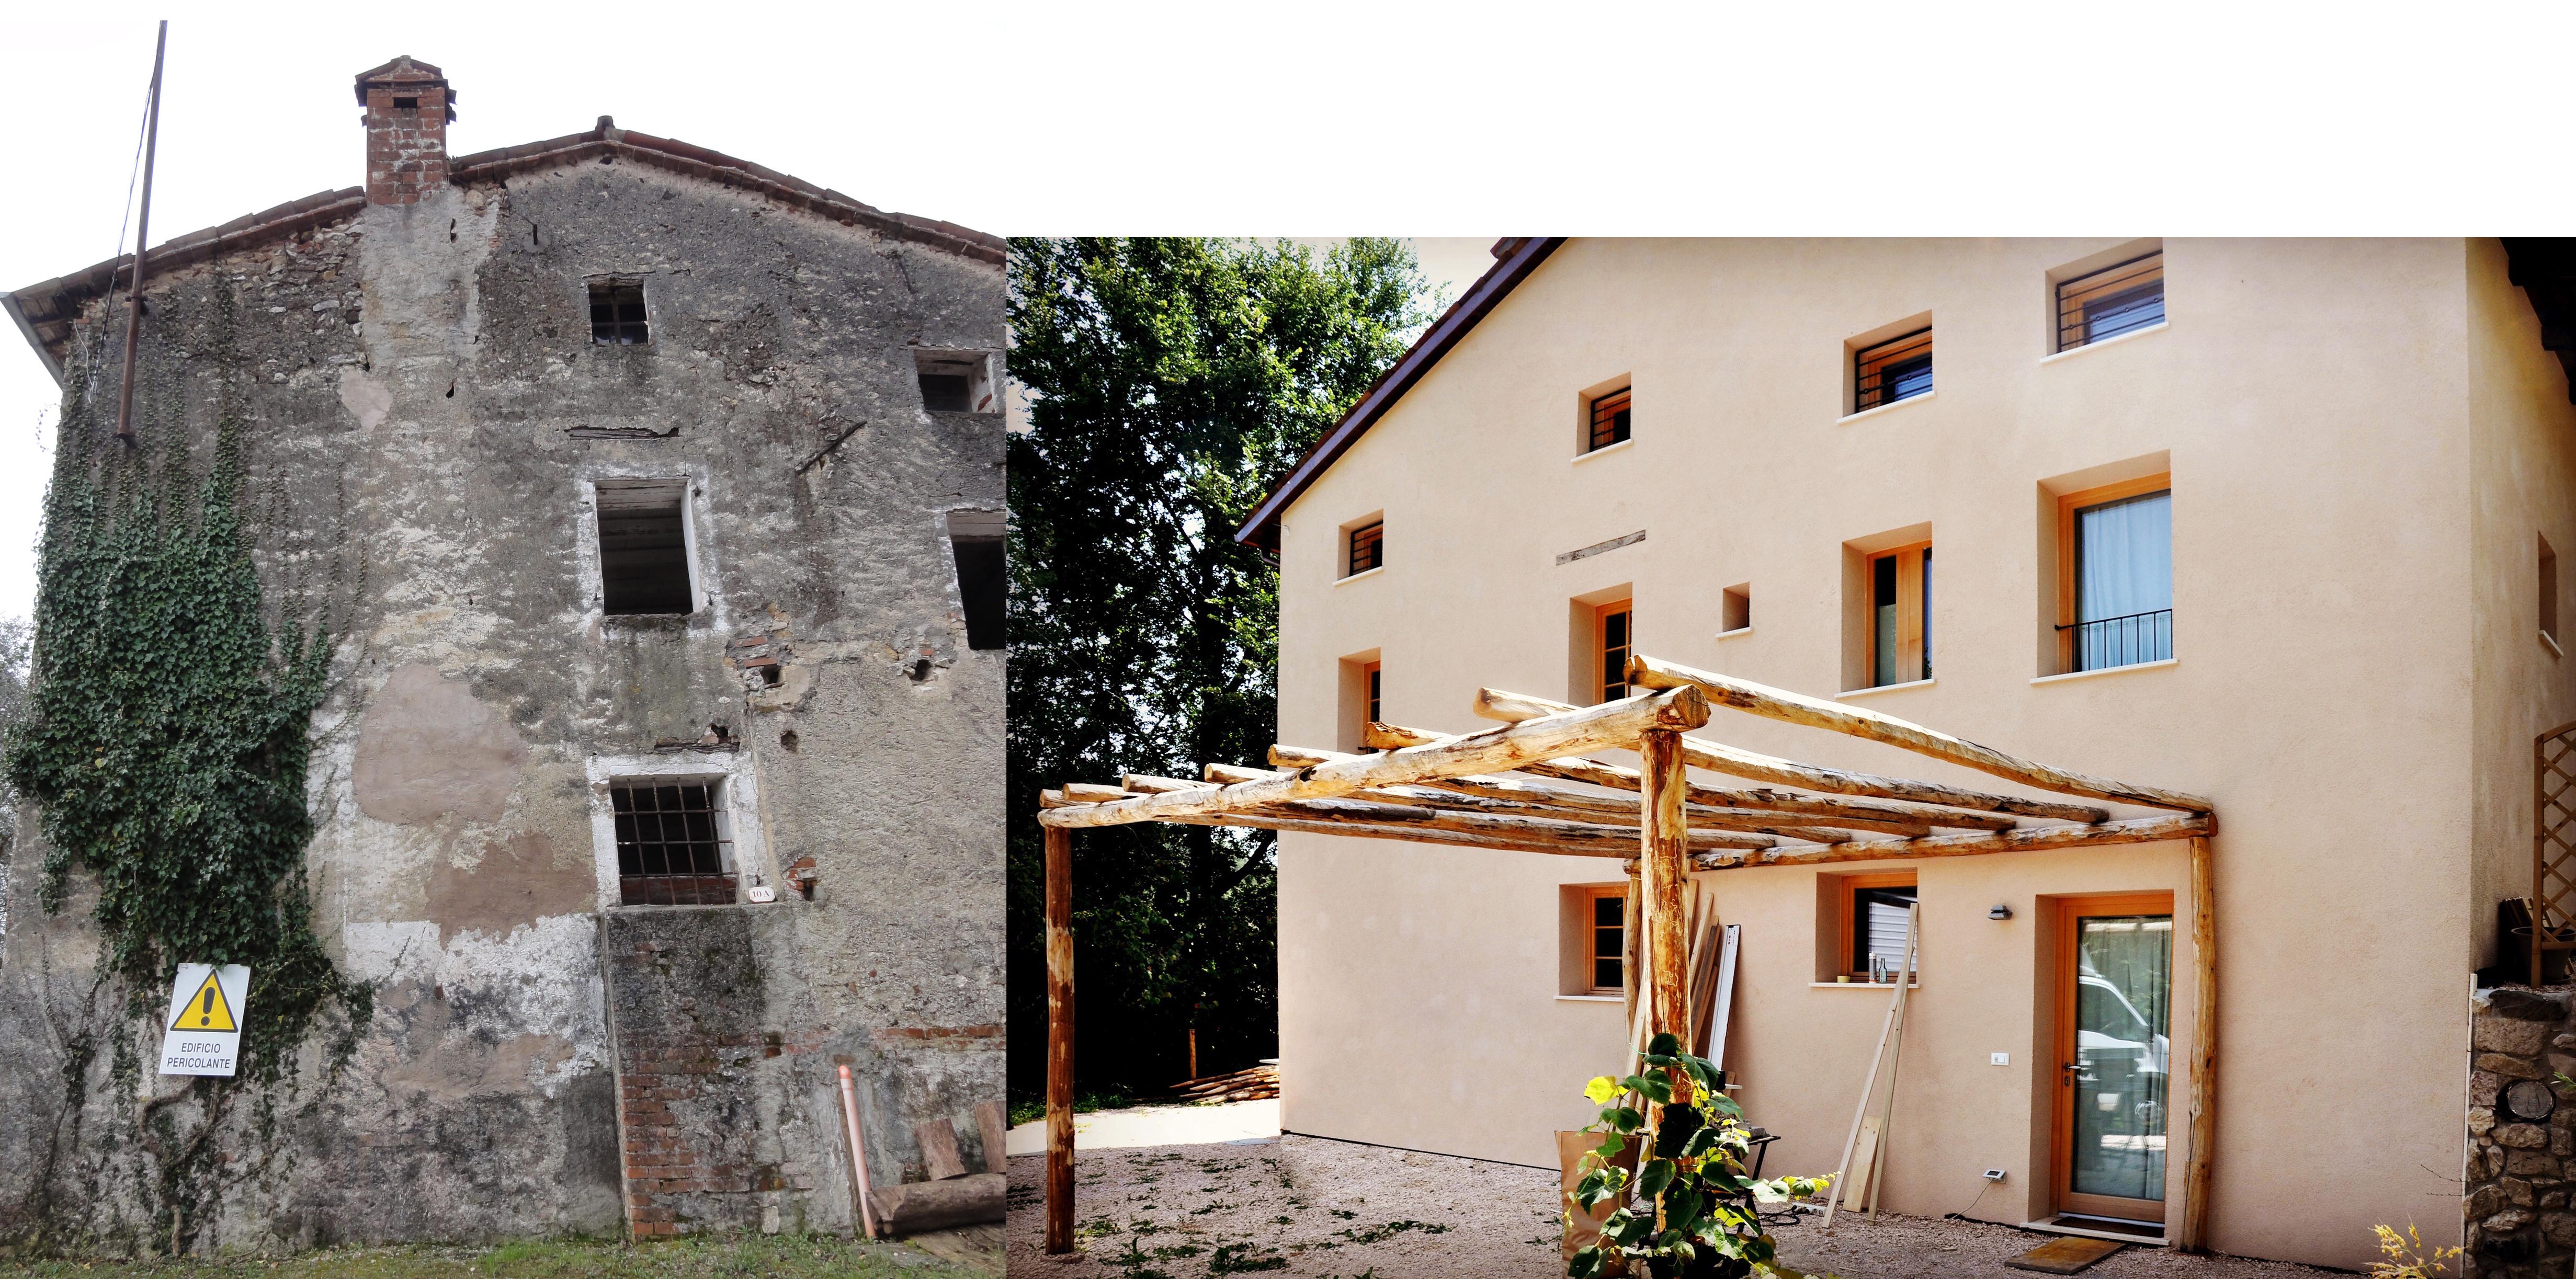 Conviene ristrutturare studio carturan - Conviene ristrutturare una casa ...